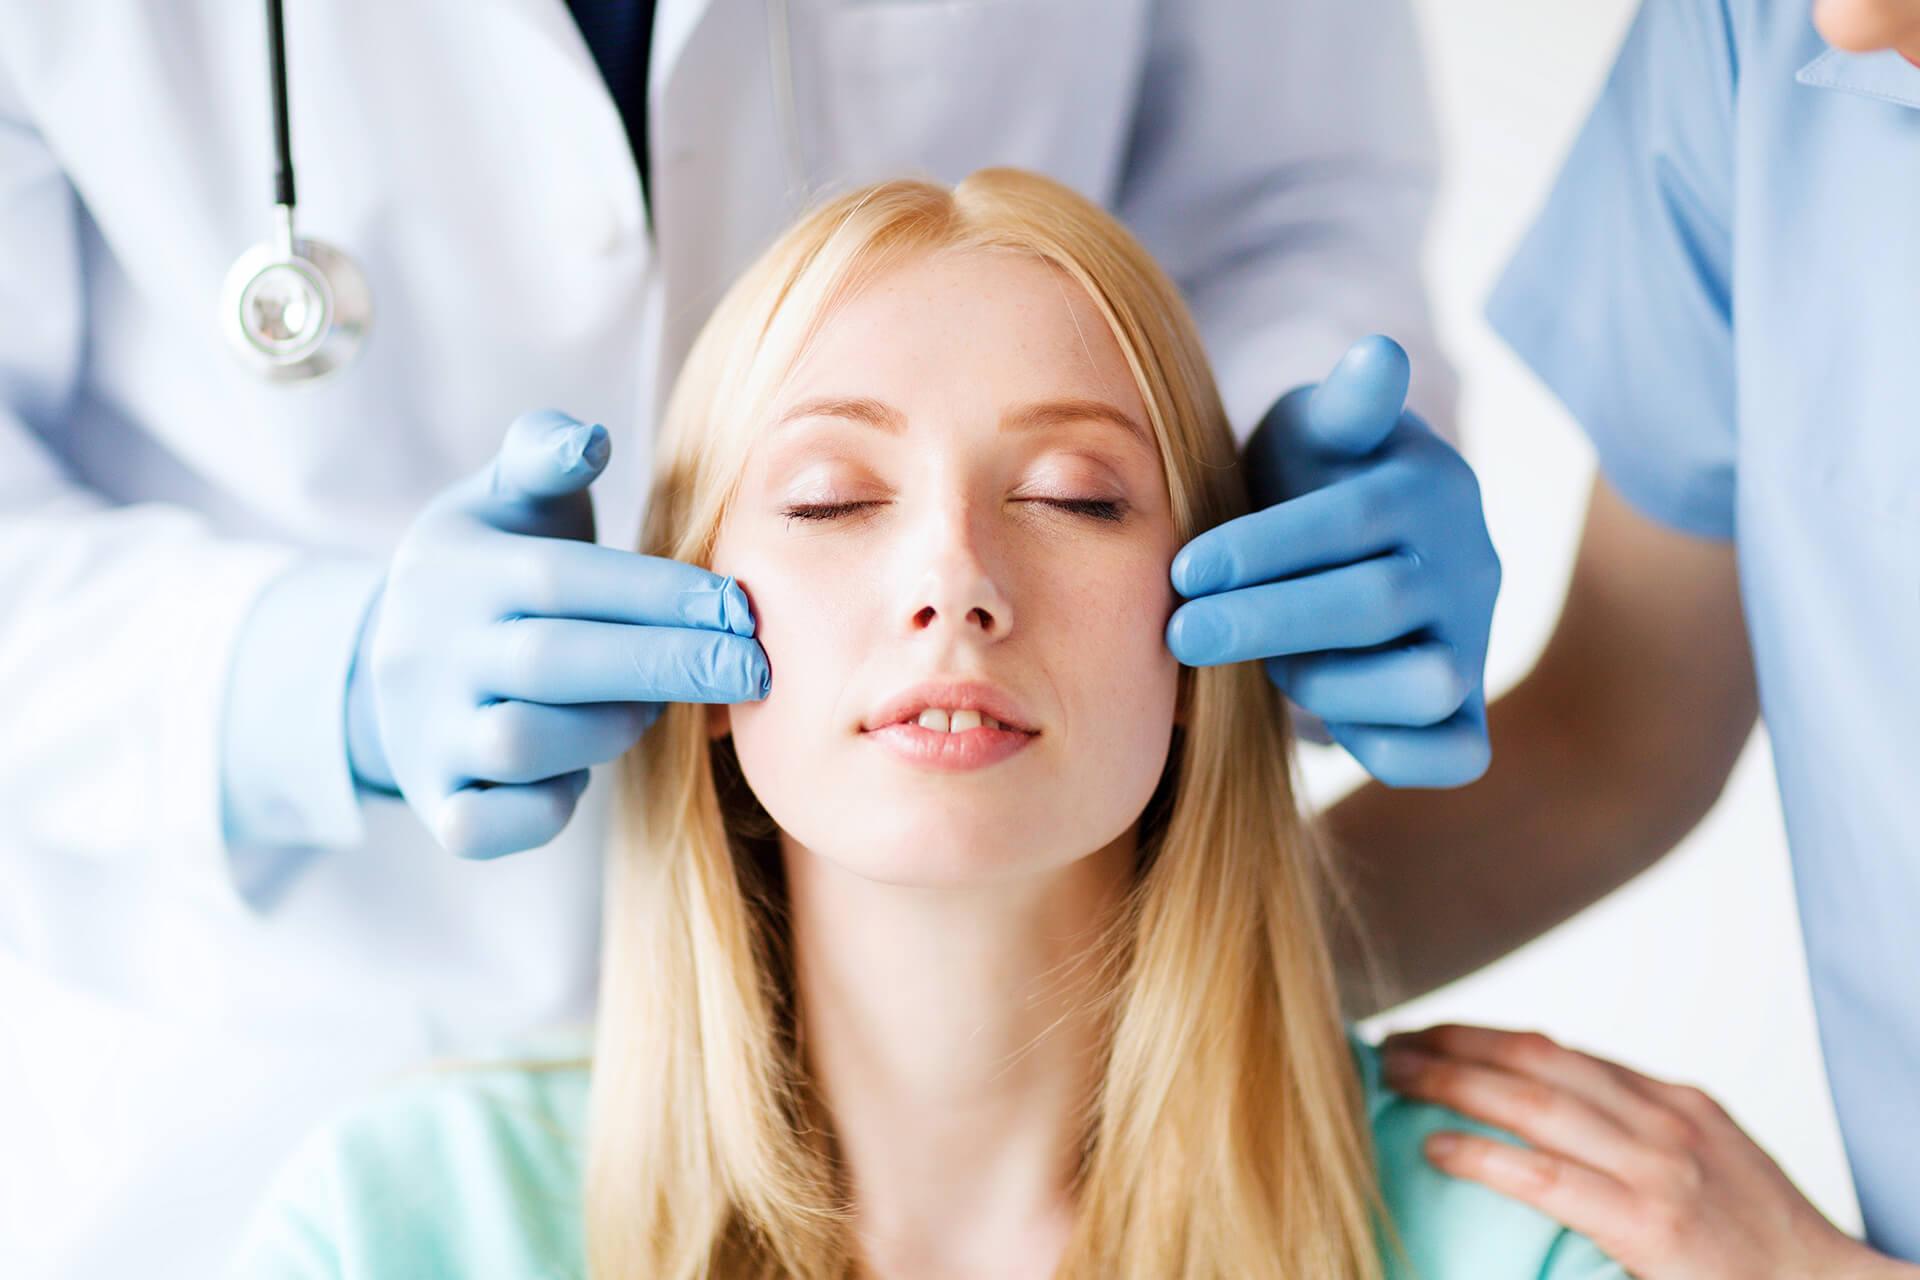 整形手術-尼斯診所-整形外科-醫學美容-眼袋、隆乳、隆鼻、拉皮